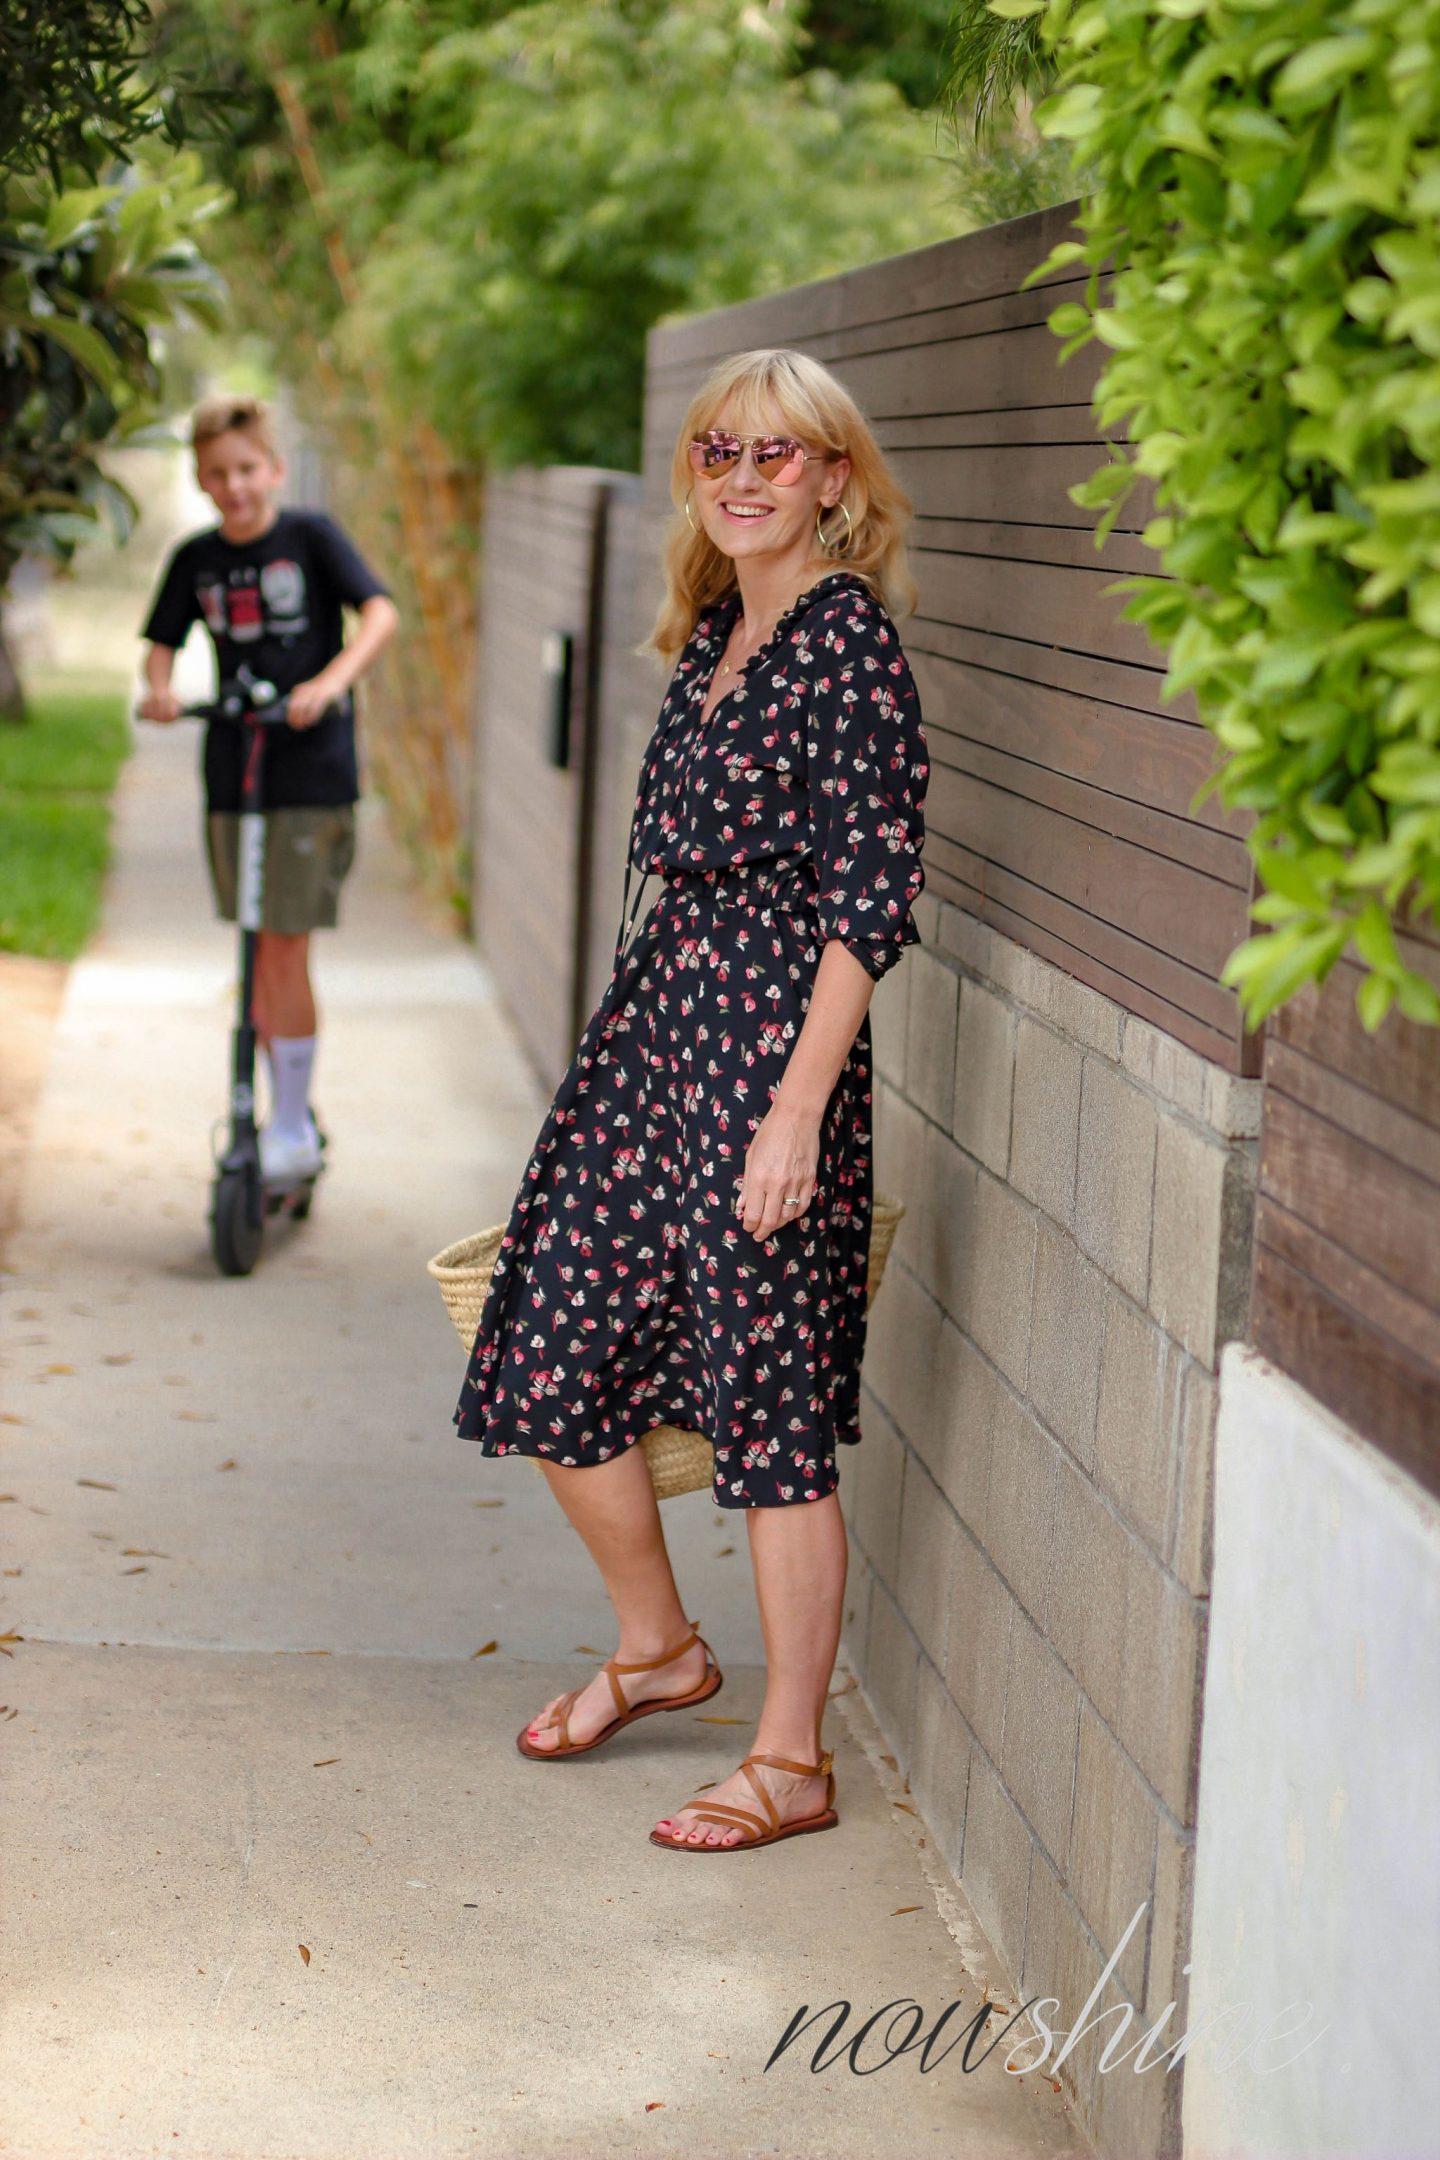 Aus dem WENZ Katalog - Kleid mit Blumen in Venice Kalifornien - Nowshine ü 40 Reiseblog - Bird Scooter